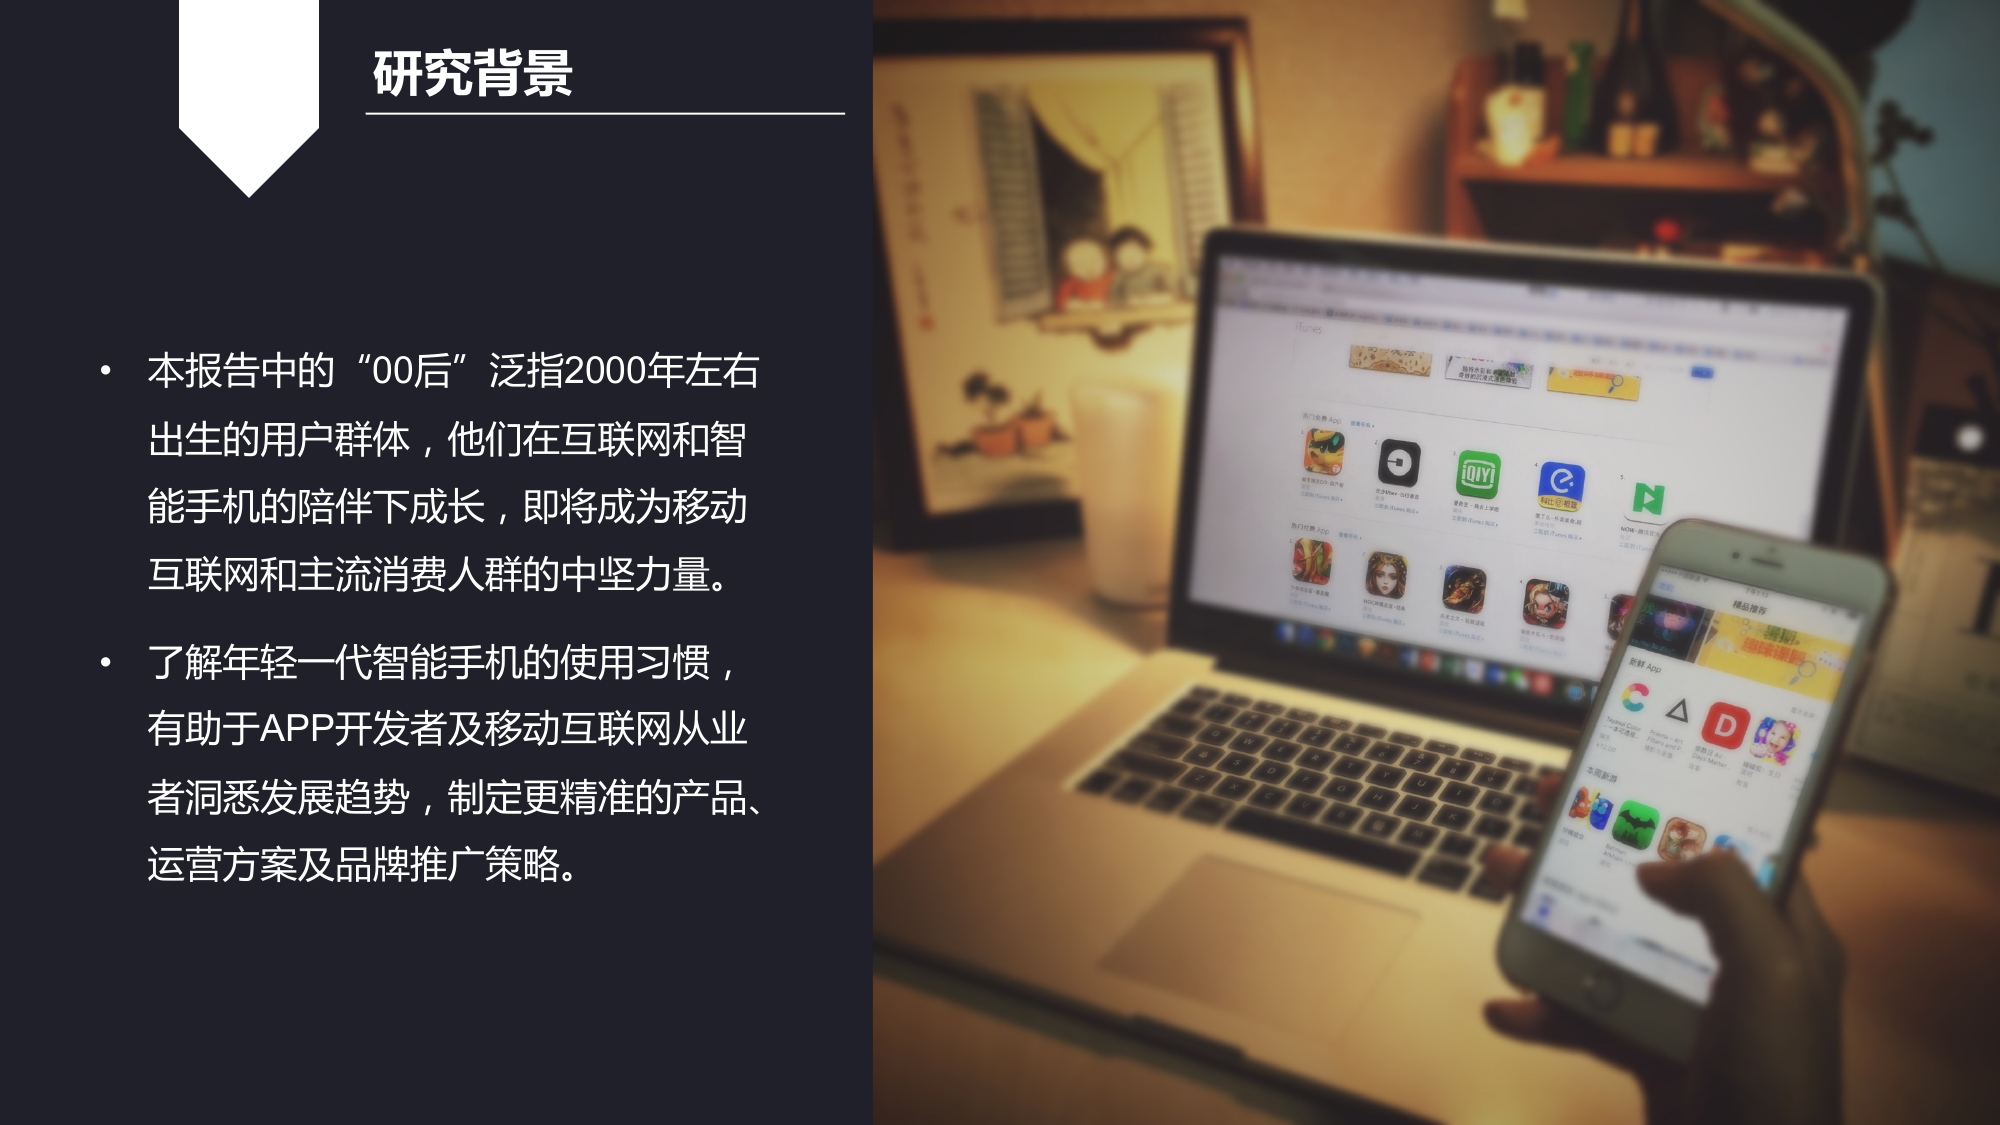 00后智能手机及APP使用习惯研究报告_000003